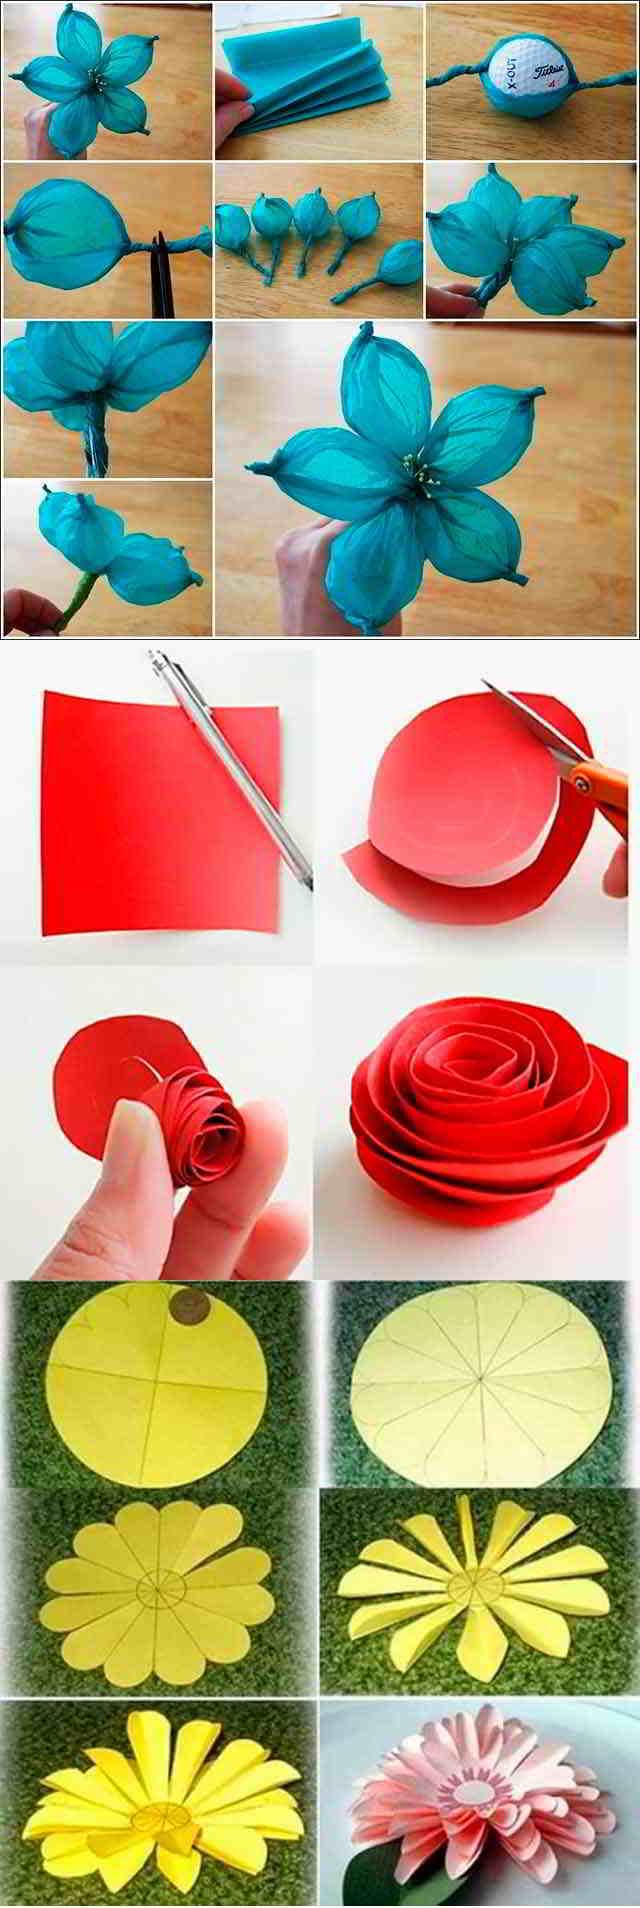 схемы создания цветов